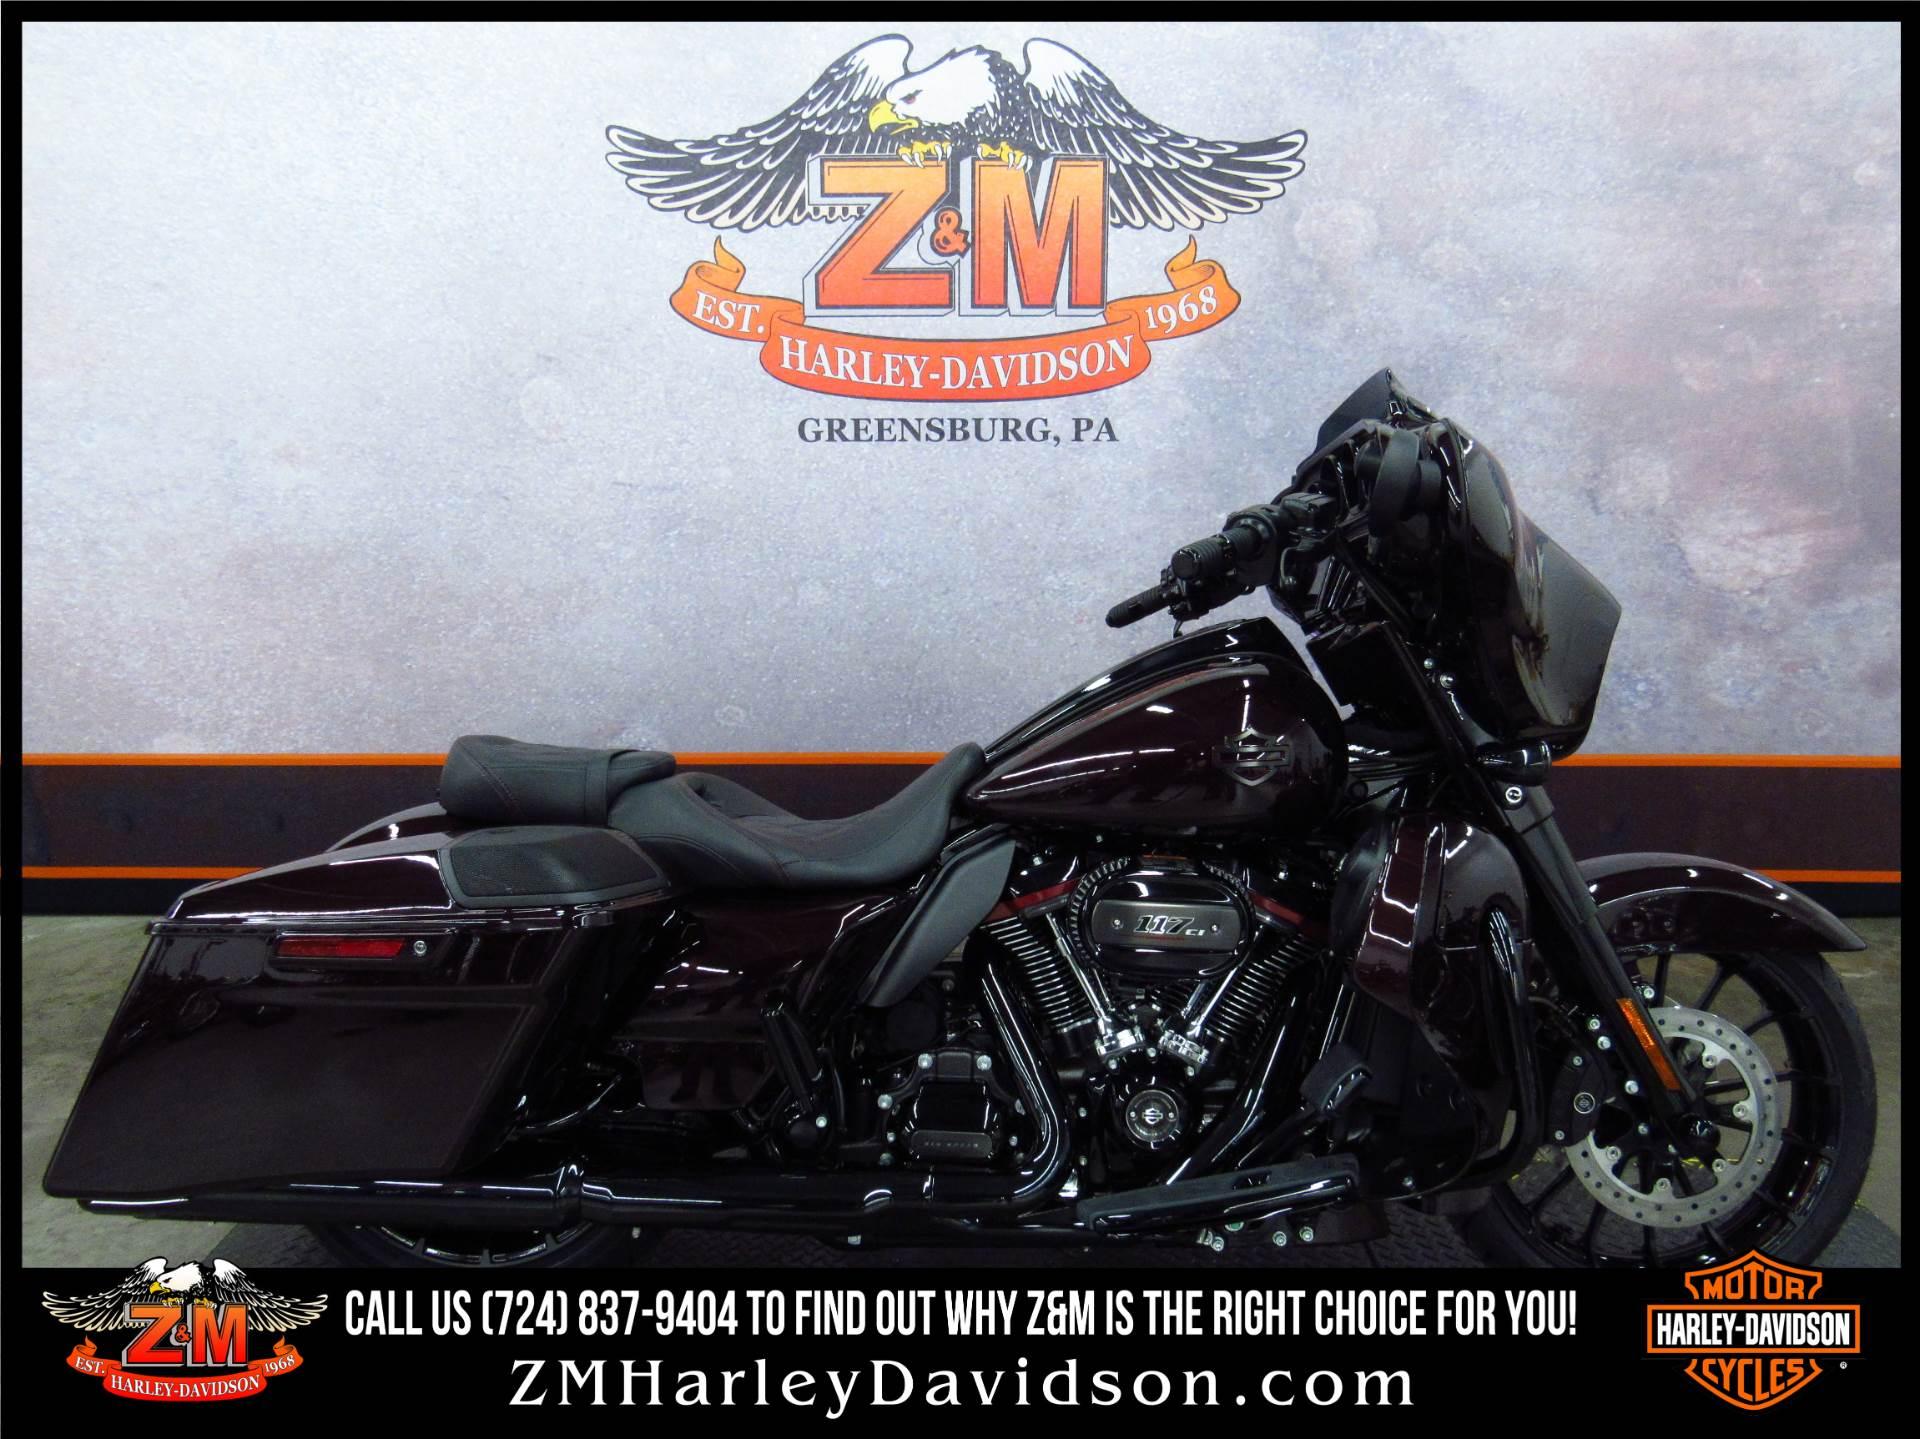 2019 Harley-Davidson CVO Street Glide 1